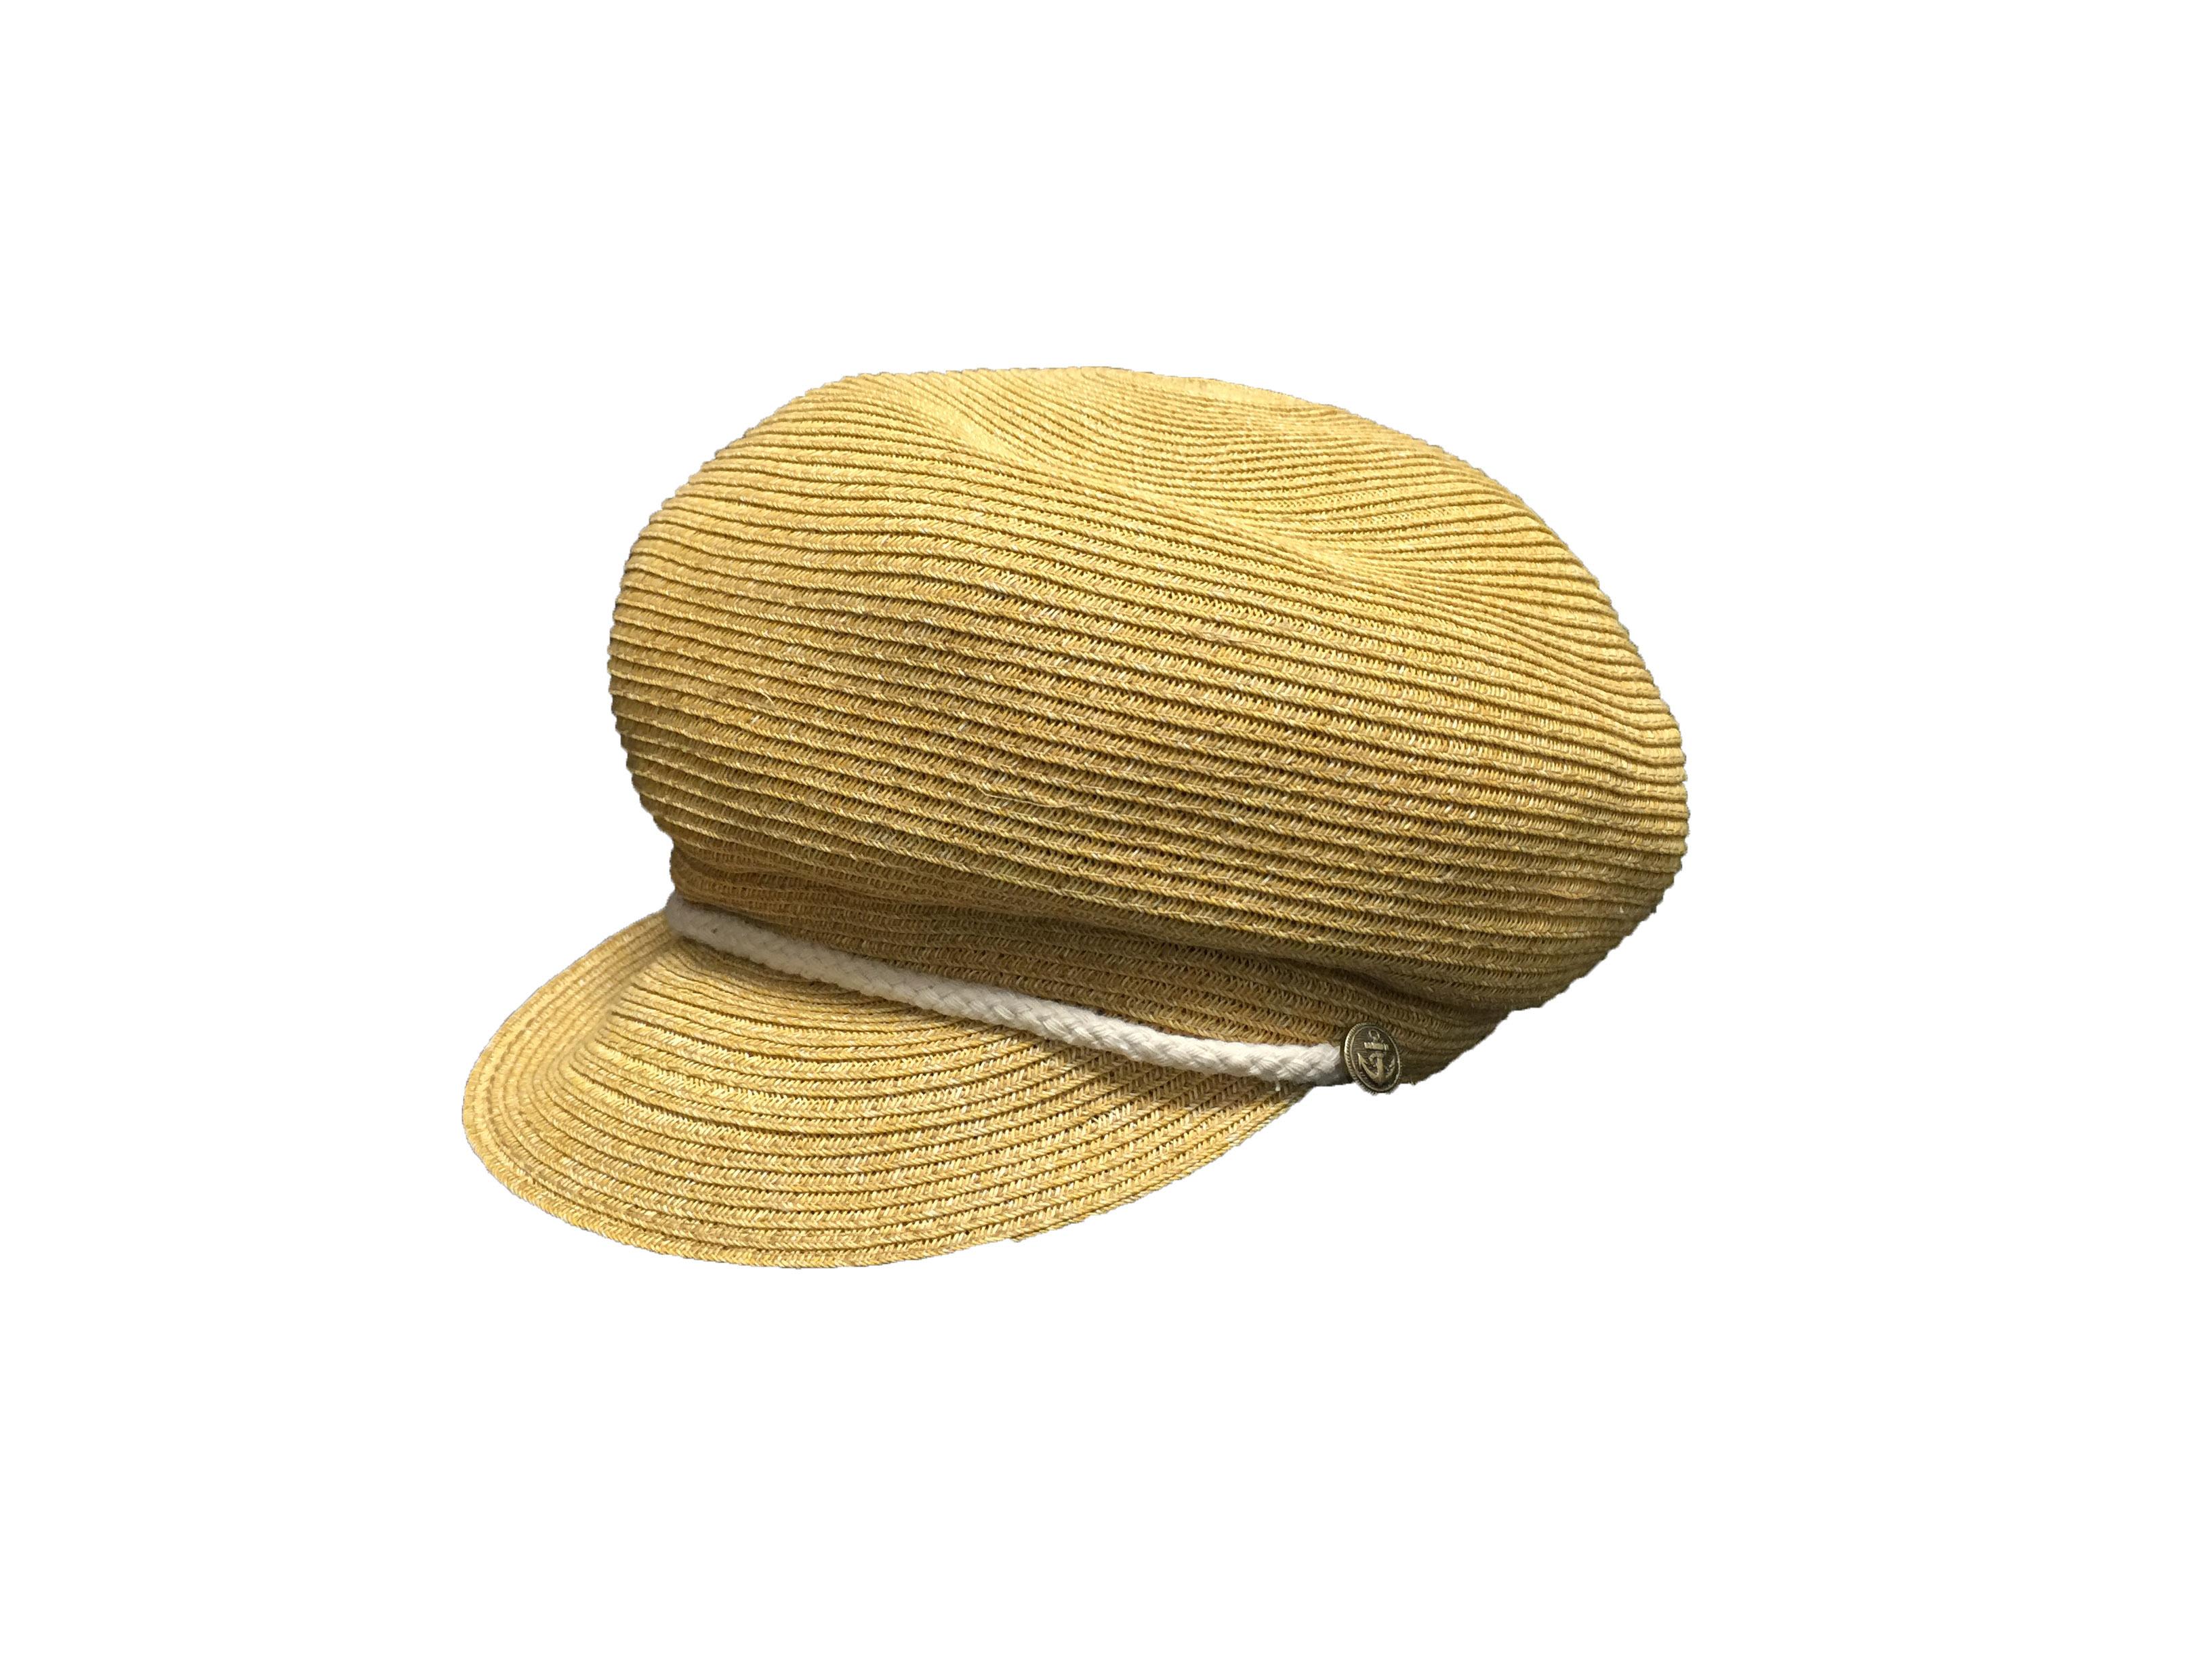 マリン帽(ペーパー)0005の写真